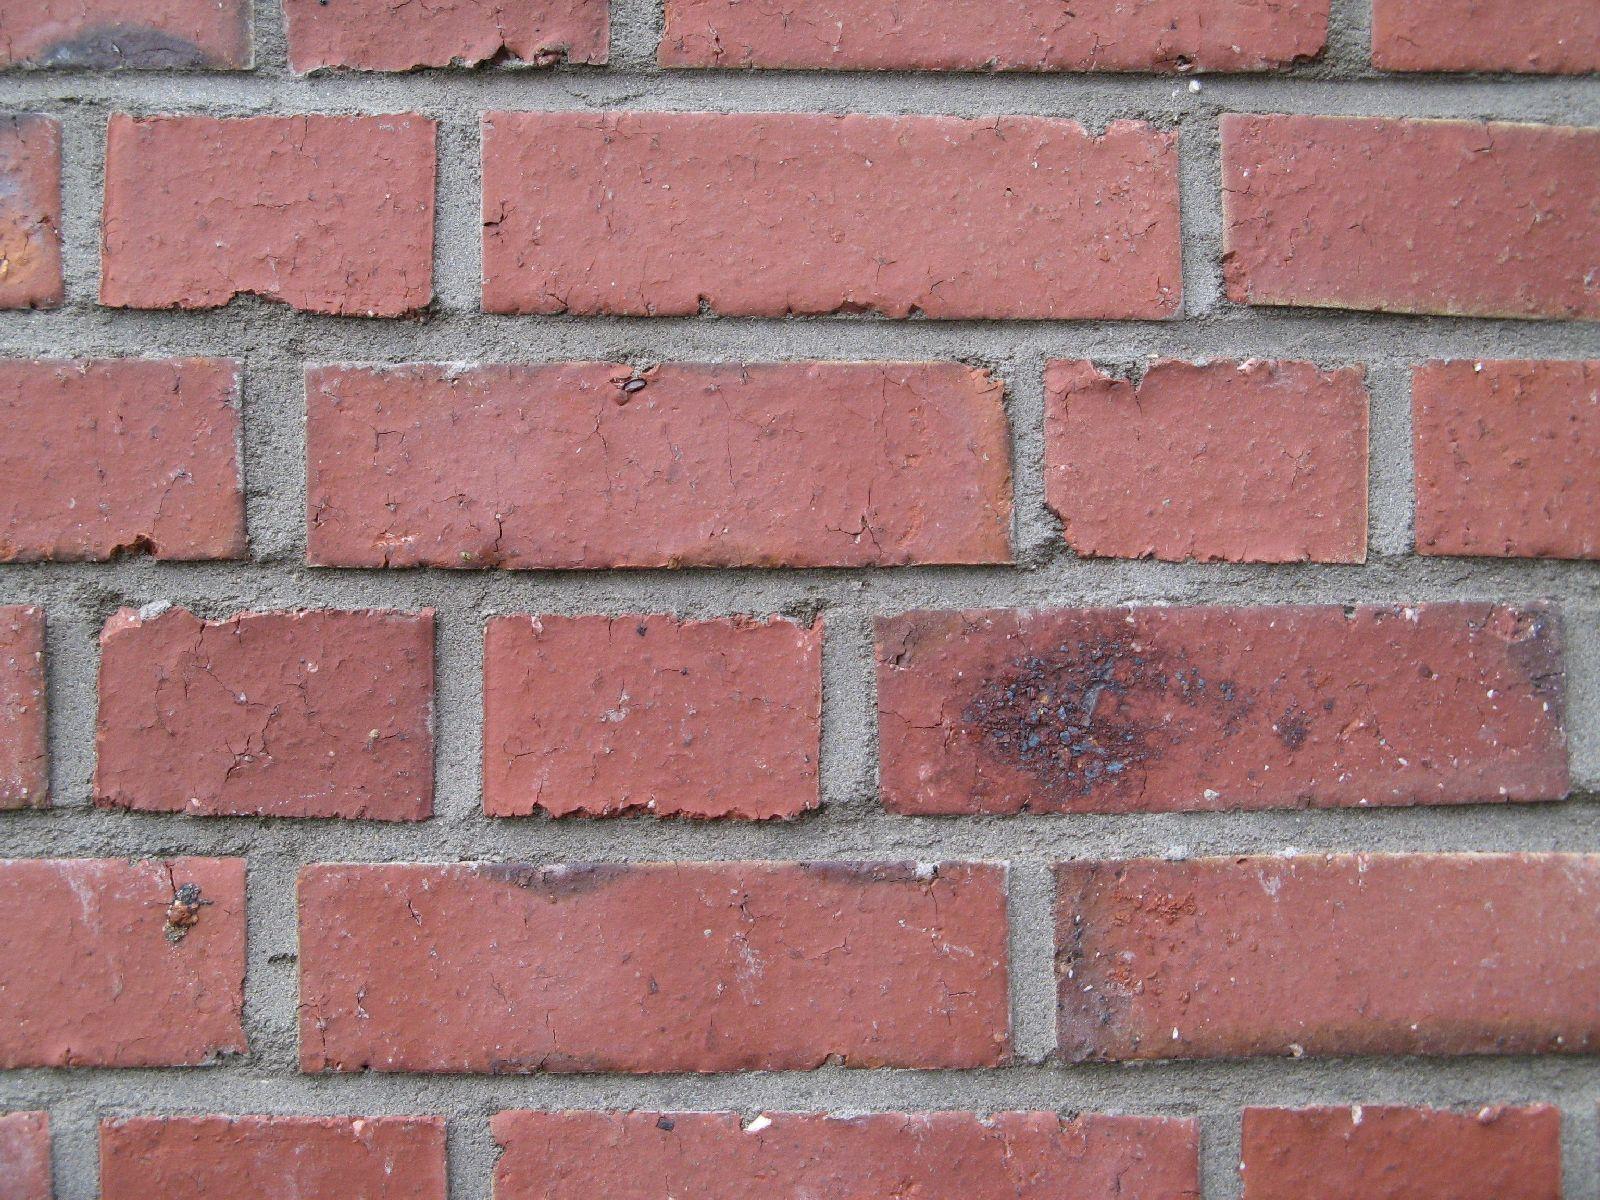 Wand-Mauerwerk-Backstein_Textur_B_0904